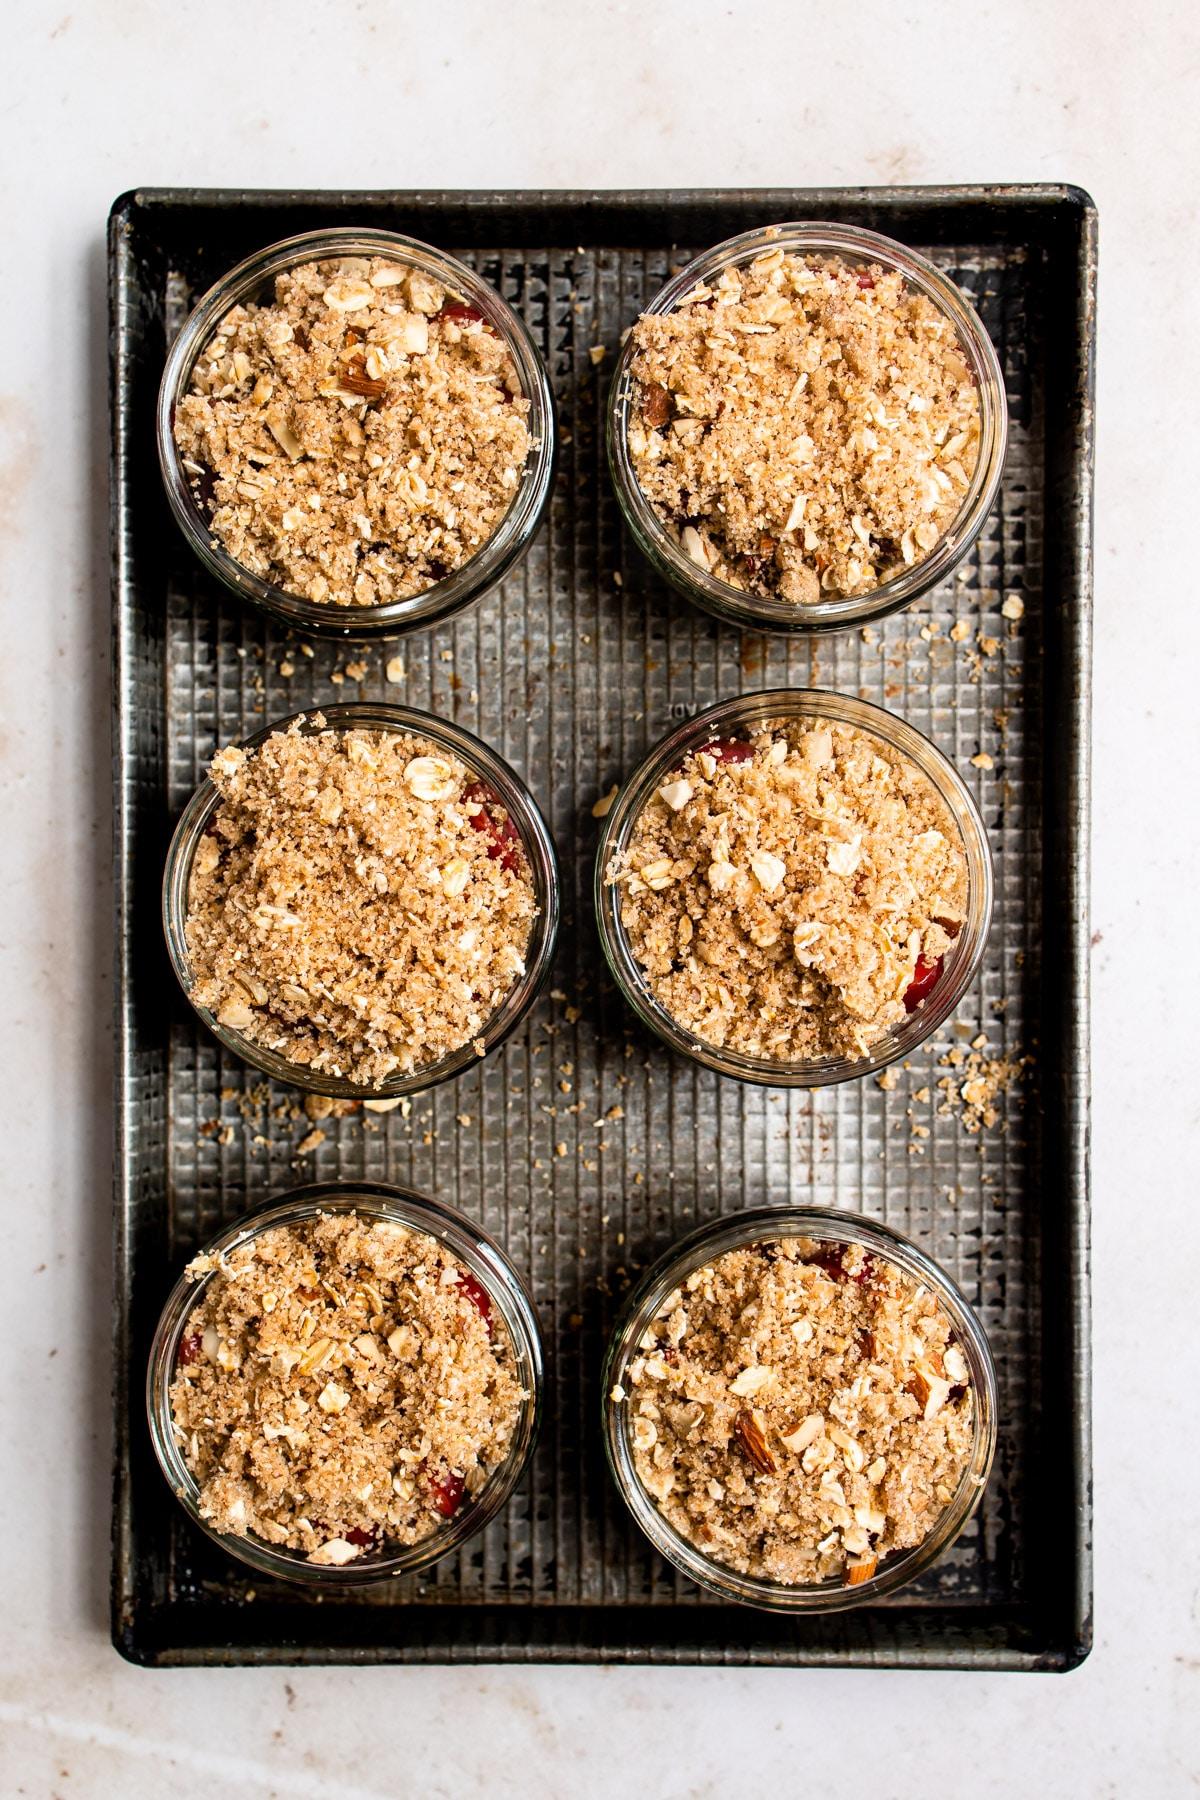 6 unbaked cherry crisps in ramekins on a baking sheet.